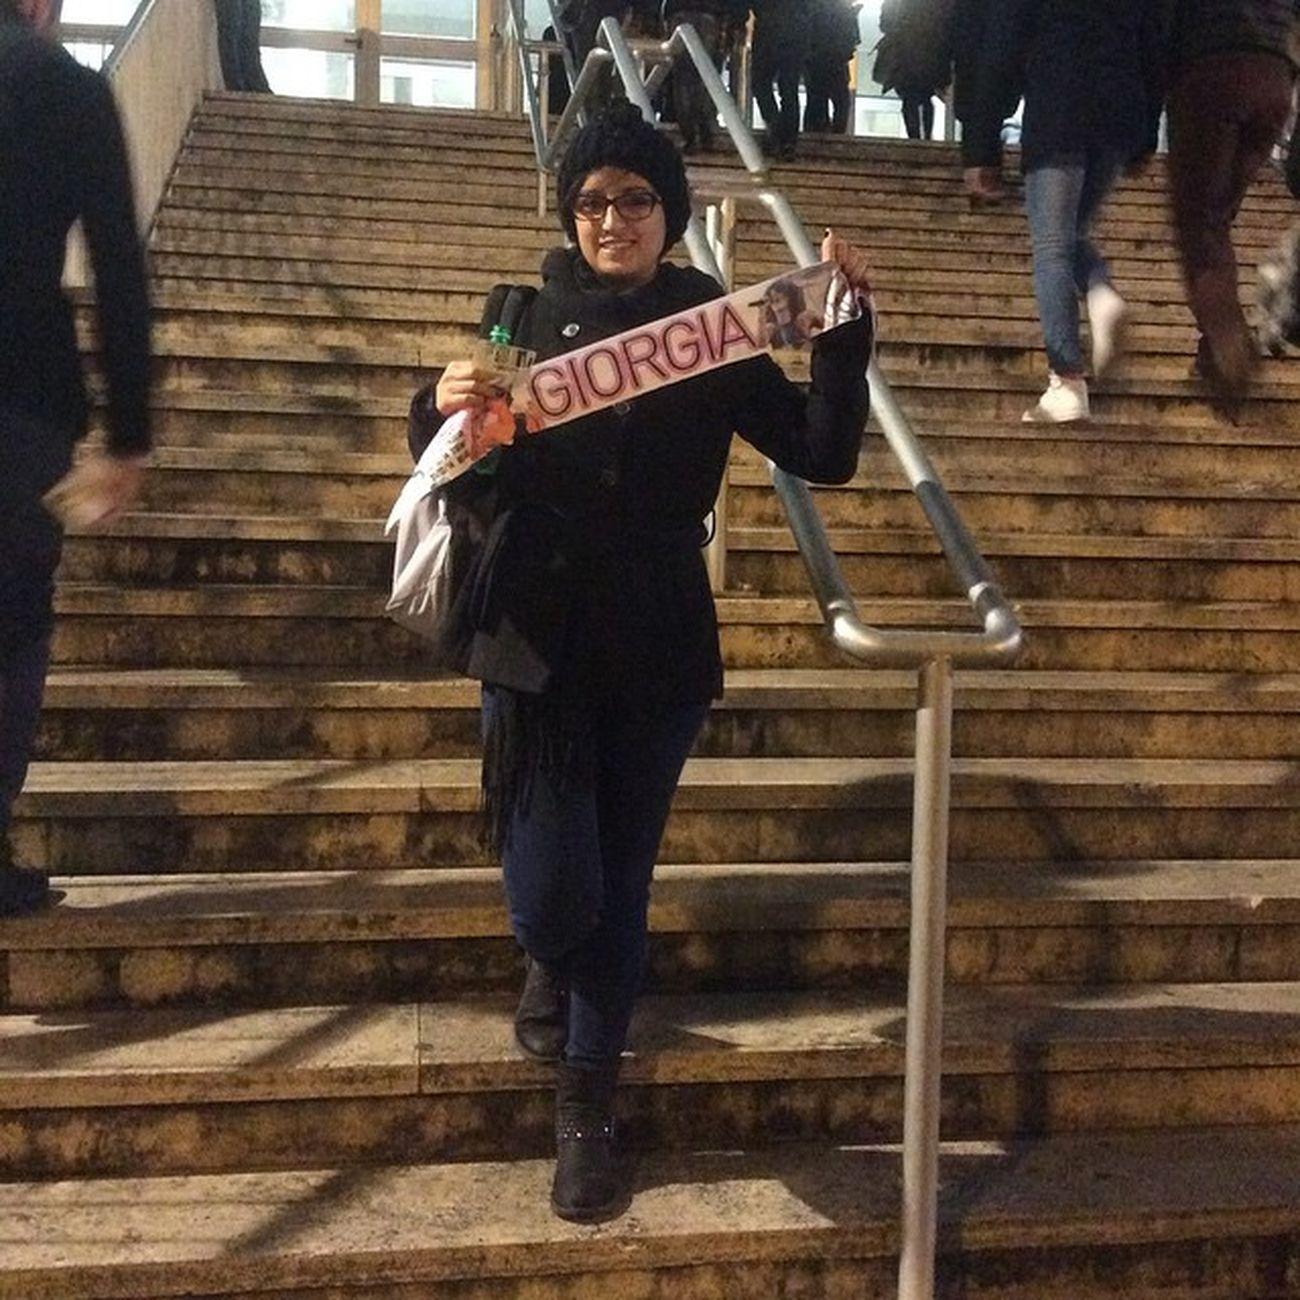 l'influenza non mi ferma!!!! Giorgia Giorgiagram Giorgiatodrani Concerto roma palalottomatica tour senzapaura senzapauratour 🎤🎶🎵